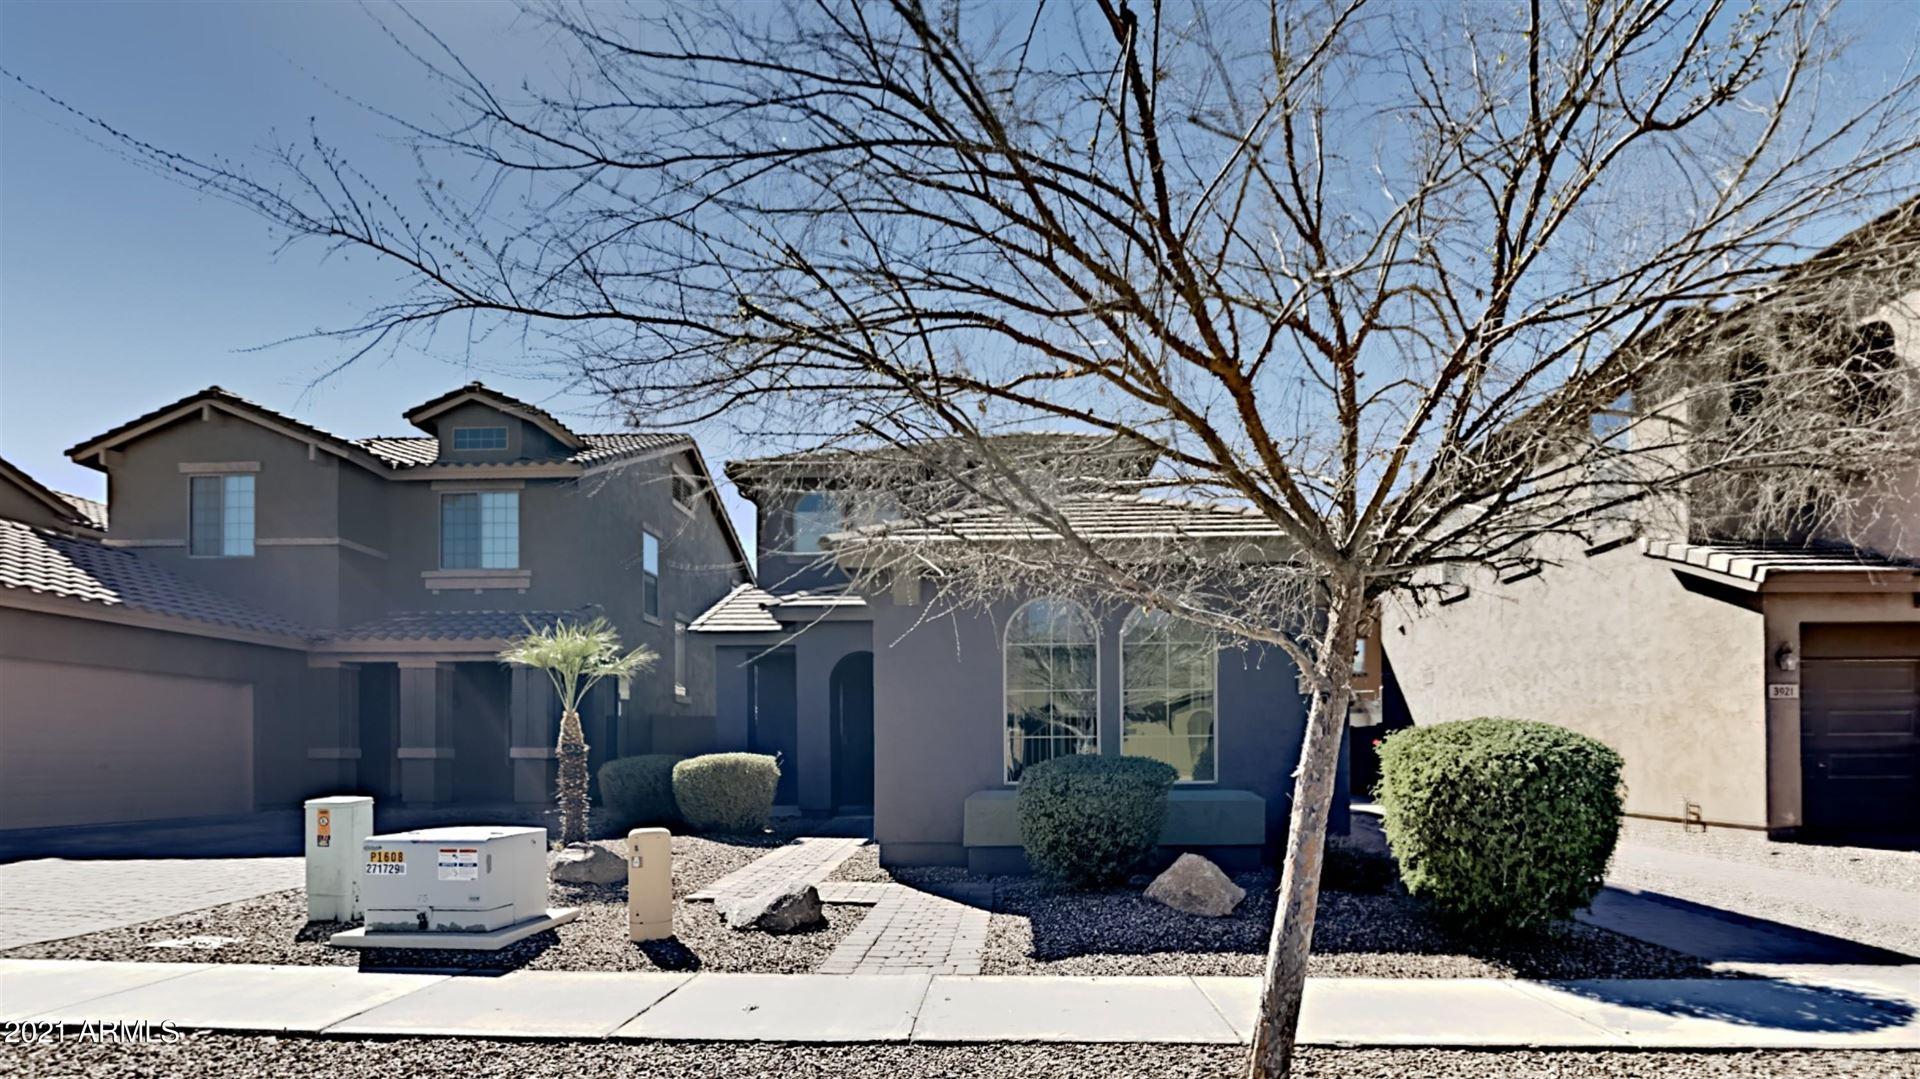 3929 E FAIRVIEW Street, Gilbert, AZ 85295 - MLS#: 6202905